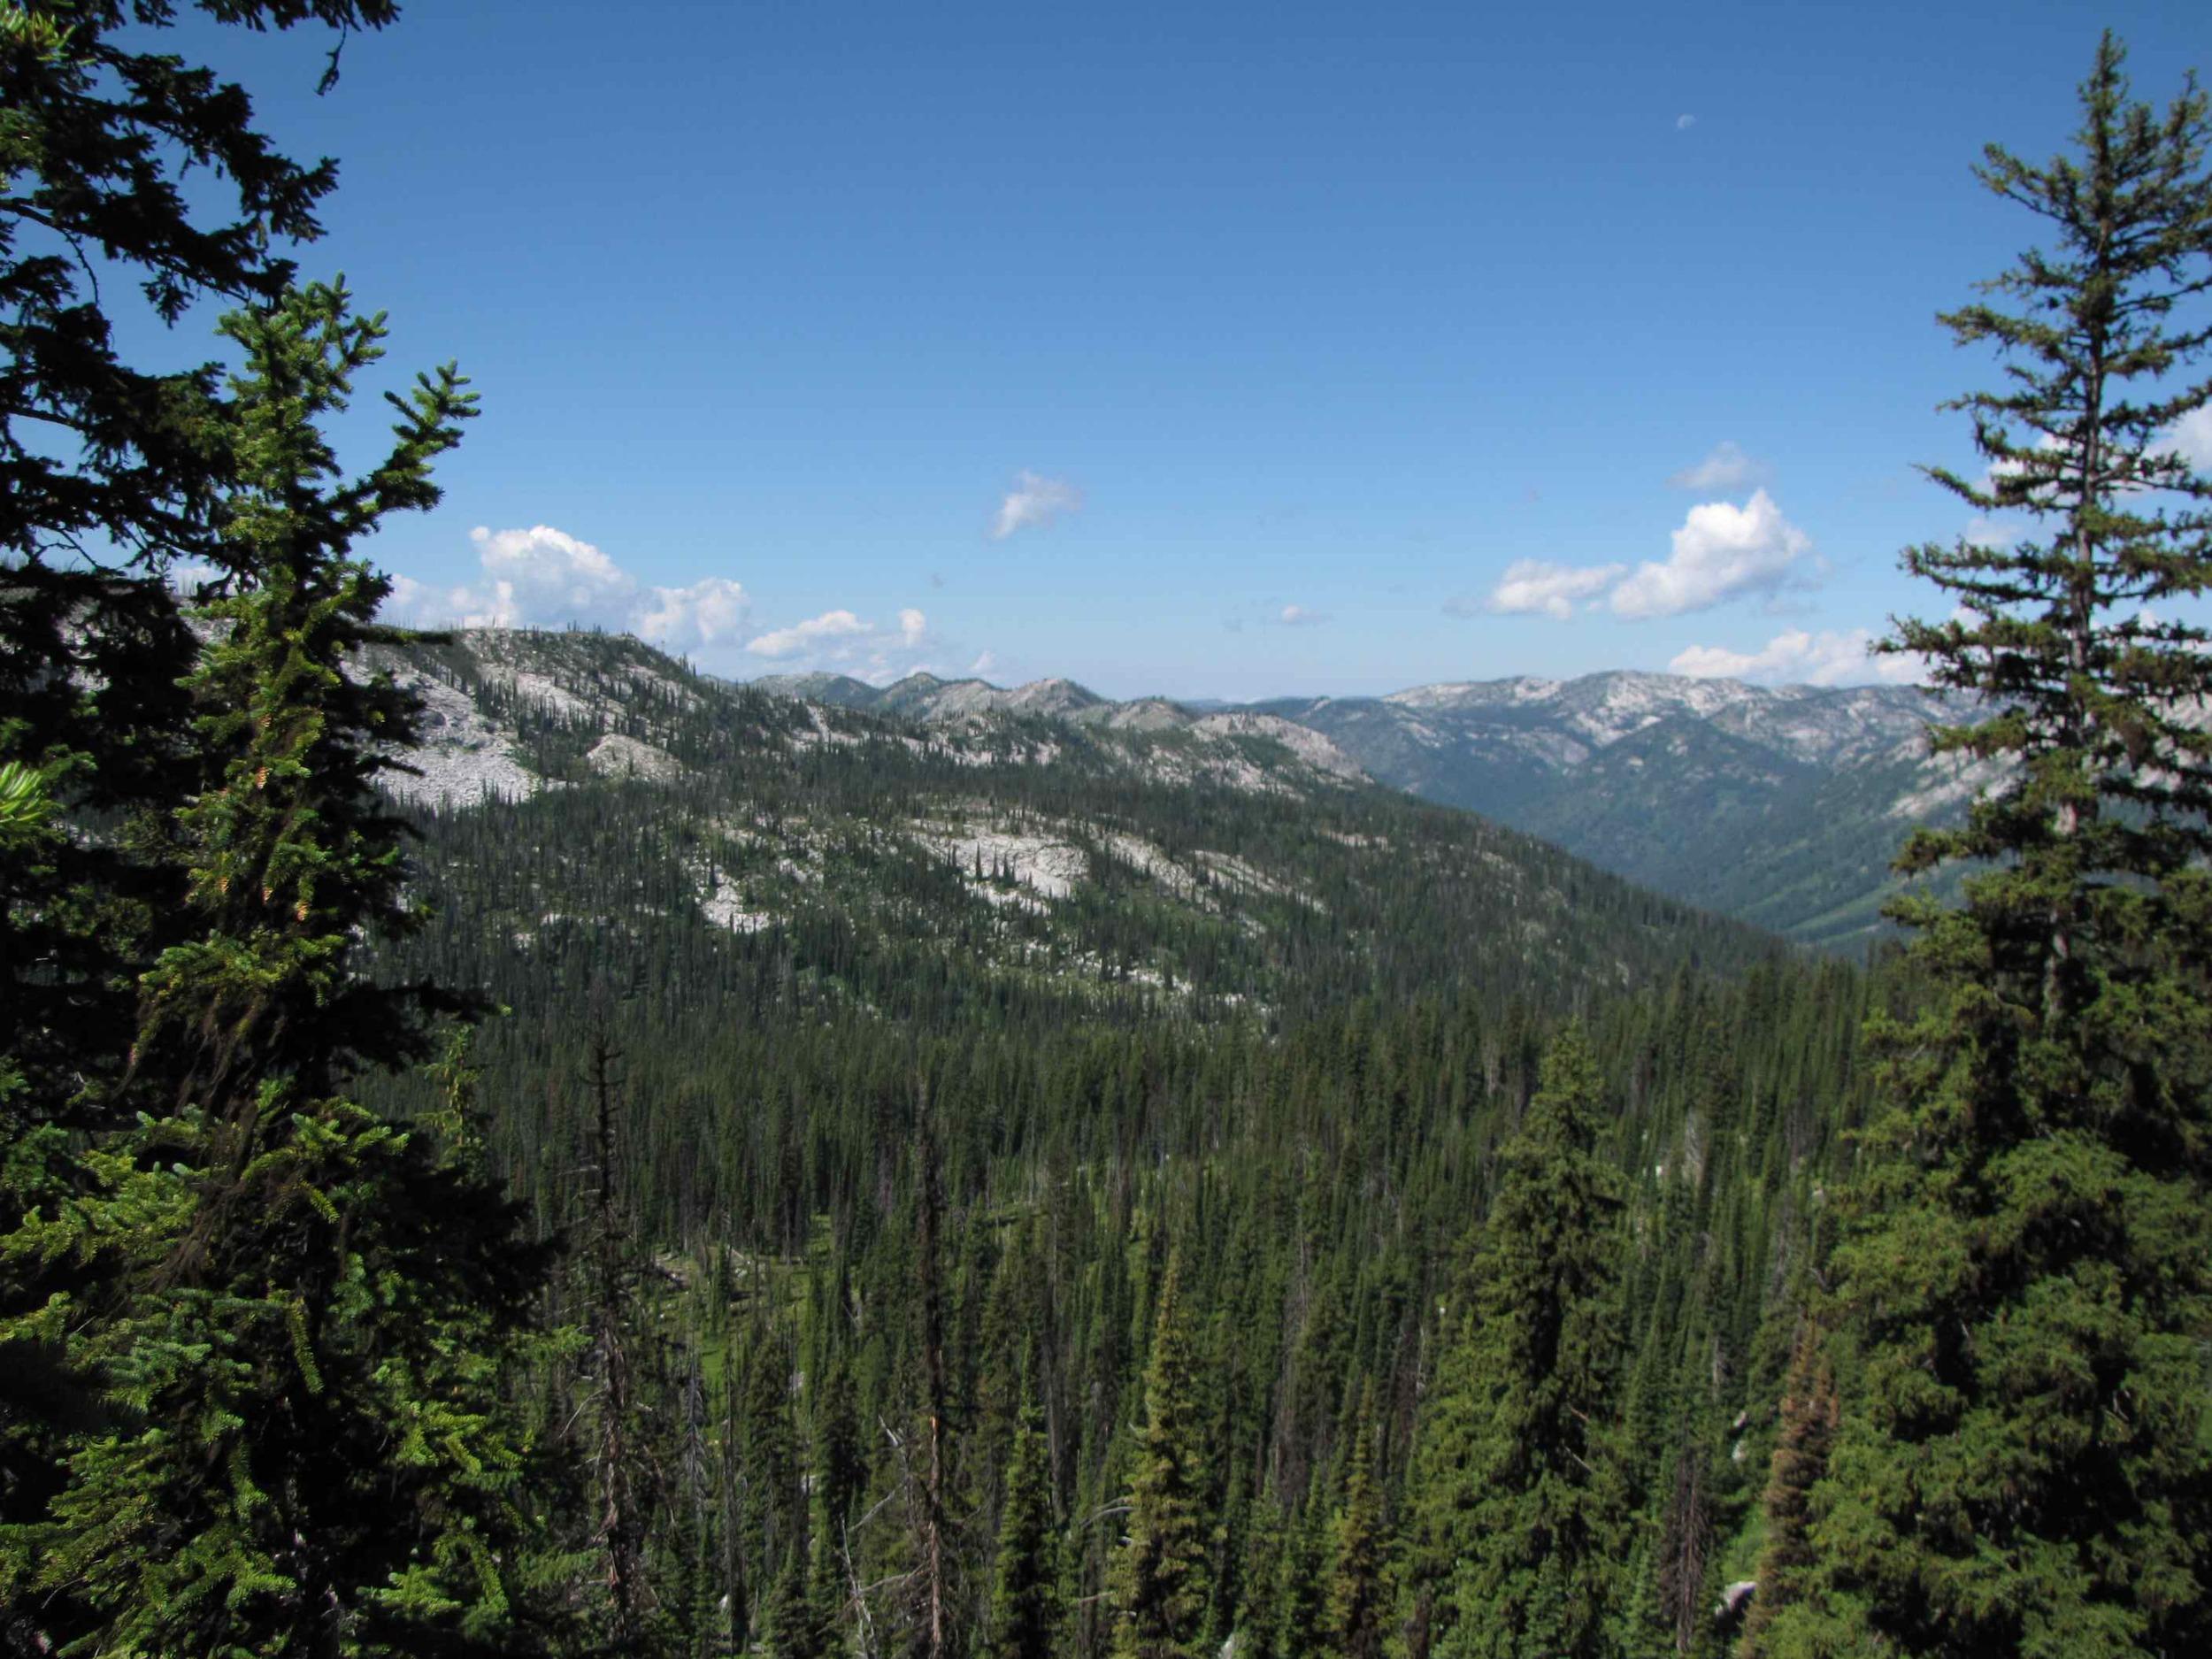 Selway-Bitterroot Wilderness (1.3 million acres)